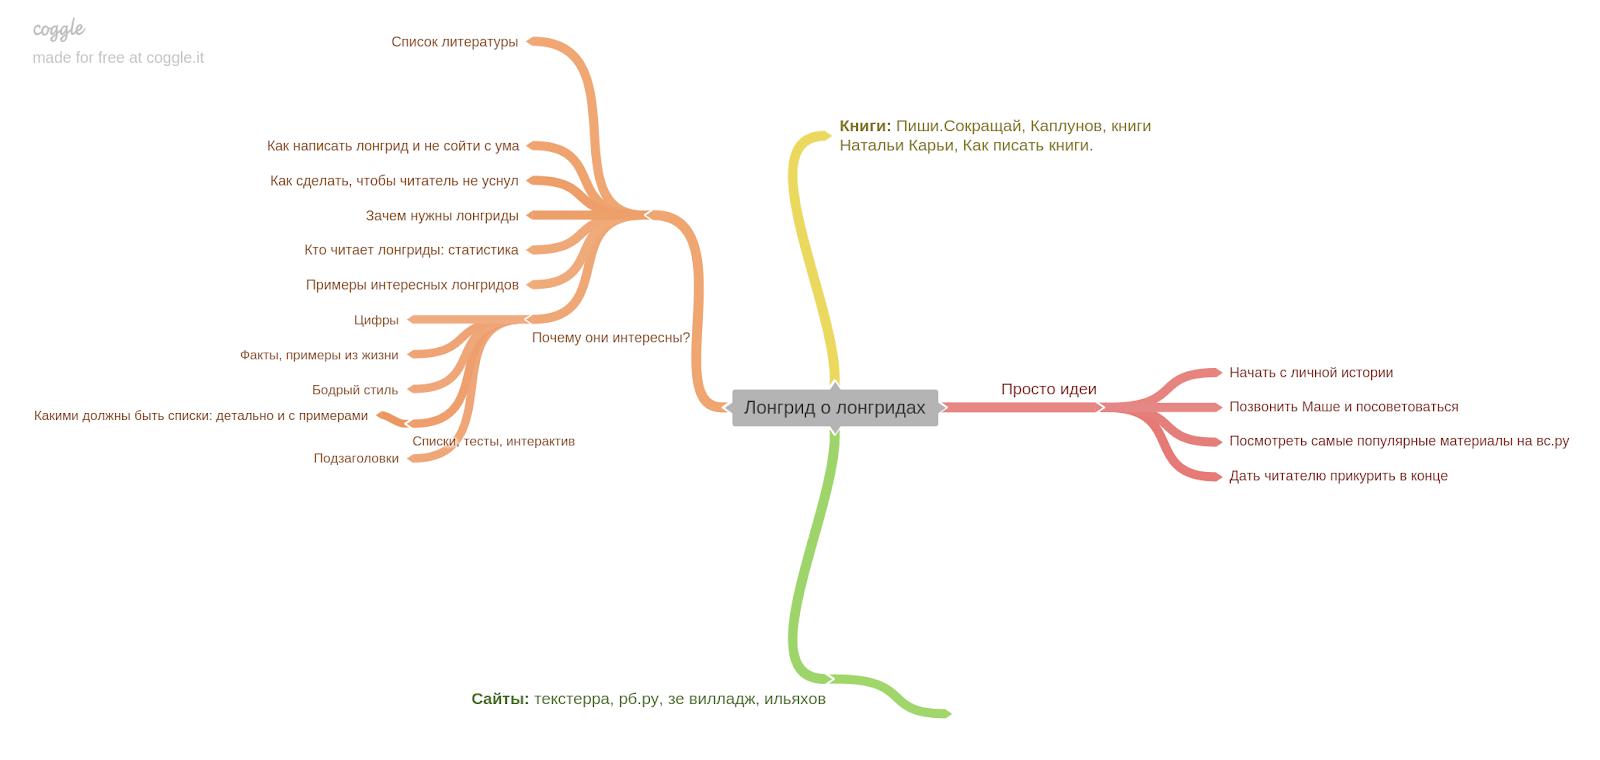 идеи для статьи